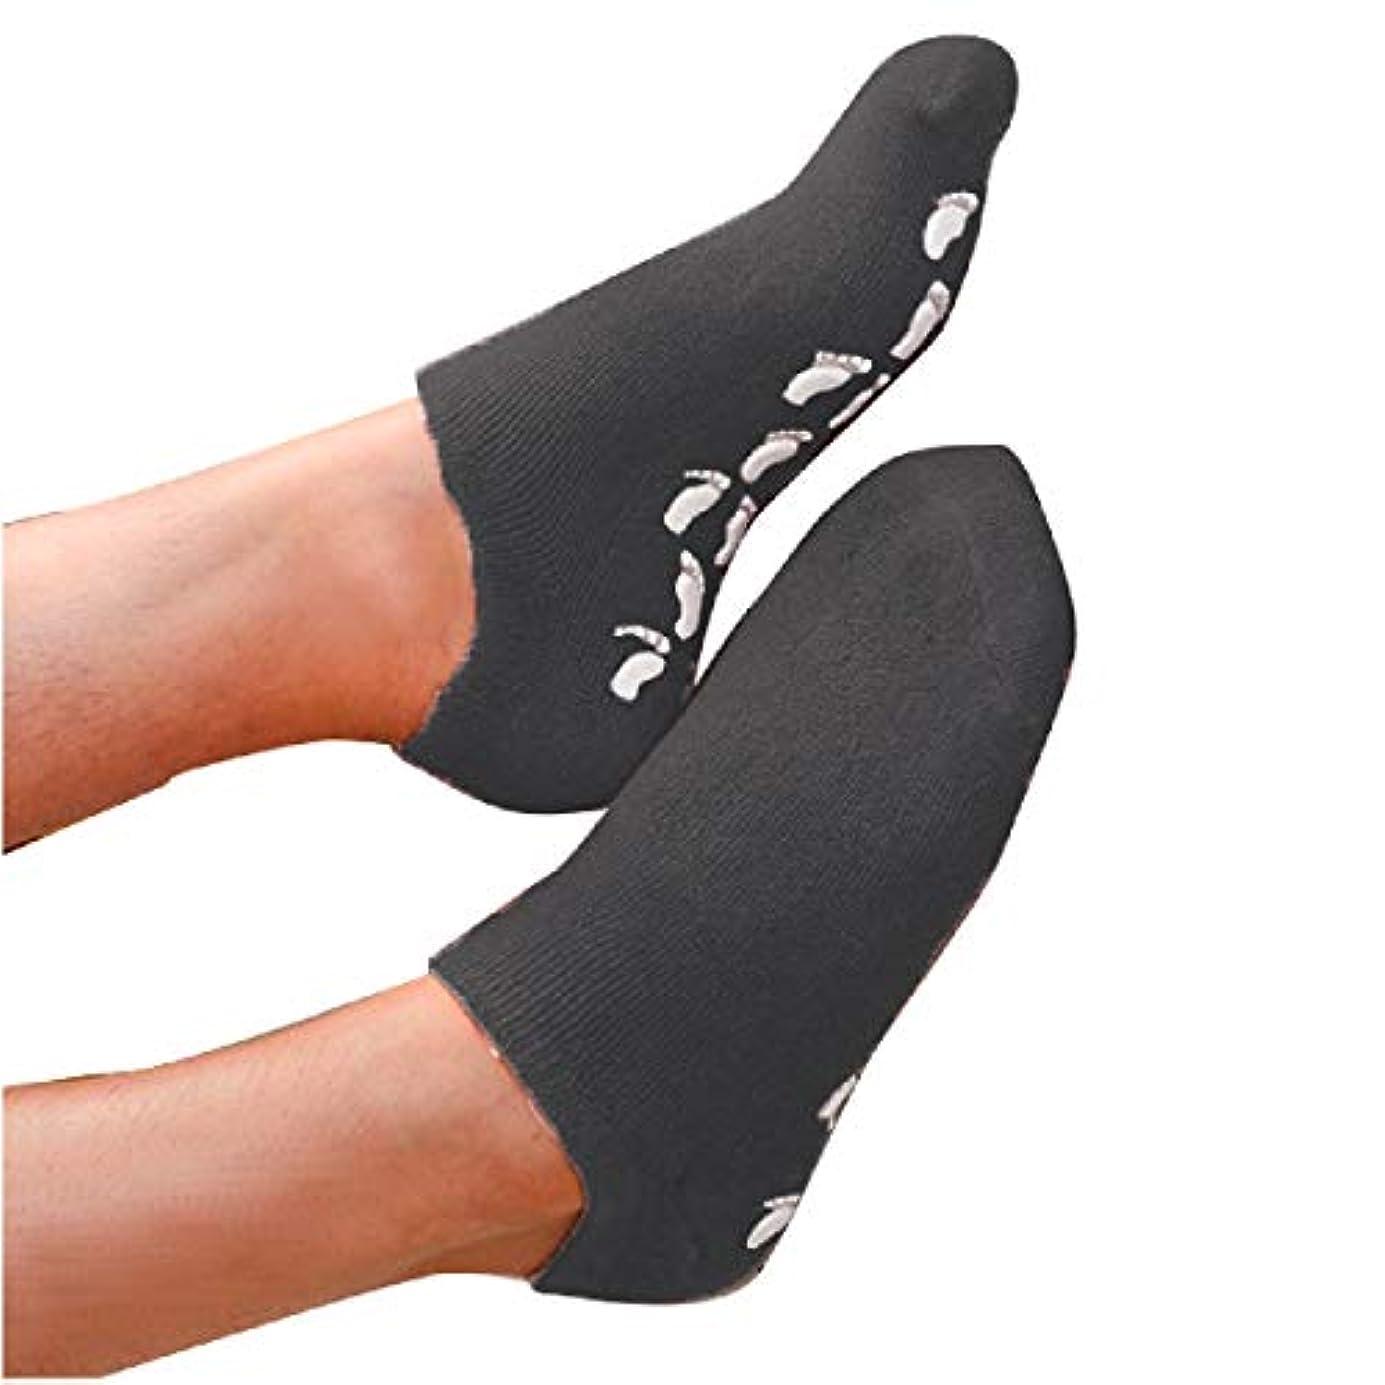 場所トラック織るS&E かかと 靴下 保湿 ソックス 美容成分 潤い ゲル付き 滑り止め 足裏 足の甲 ホホバオイル グレープシード ビタミンE ラベンダー ローズ (ブラック)